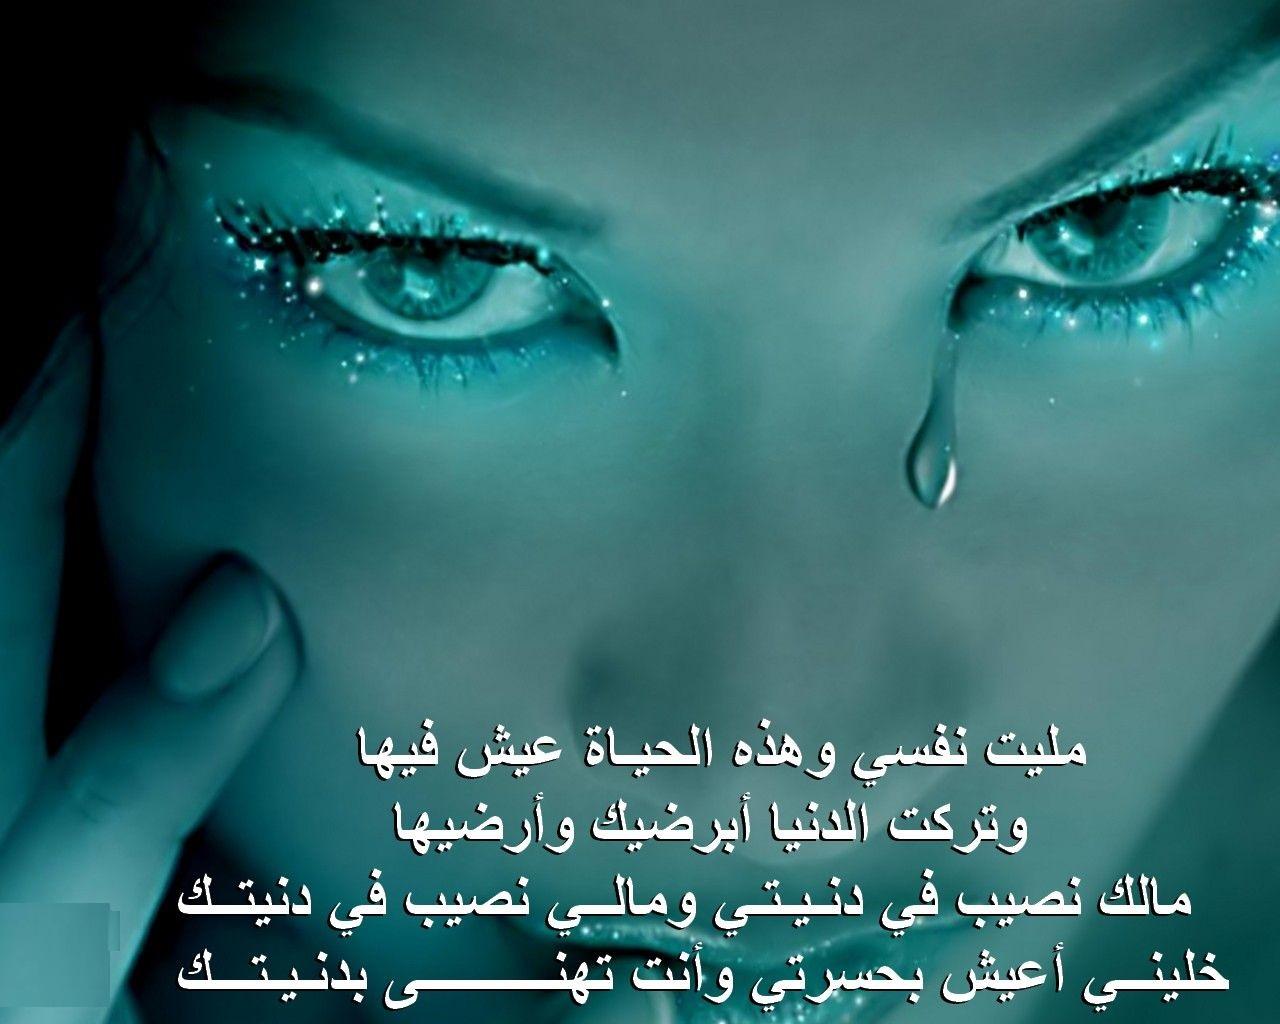 صور كلام حزين جدا يبكي قصير , كلا حزين جدا يبكى العين والقلب قصير الكلمات